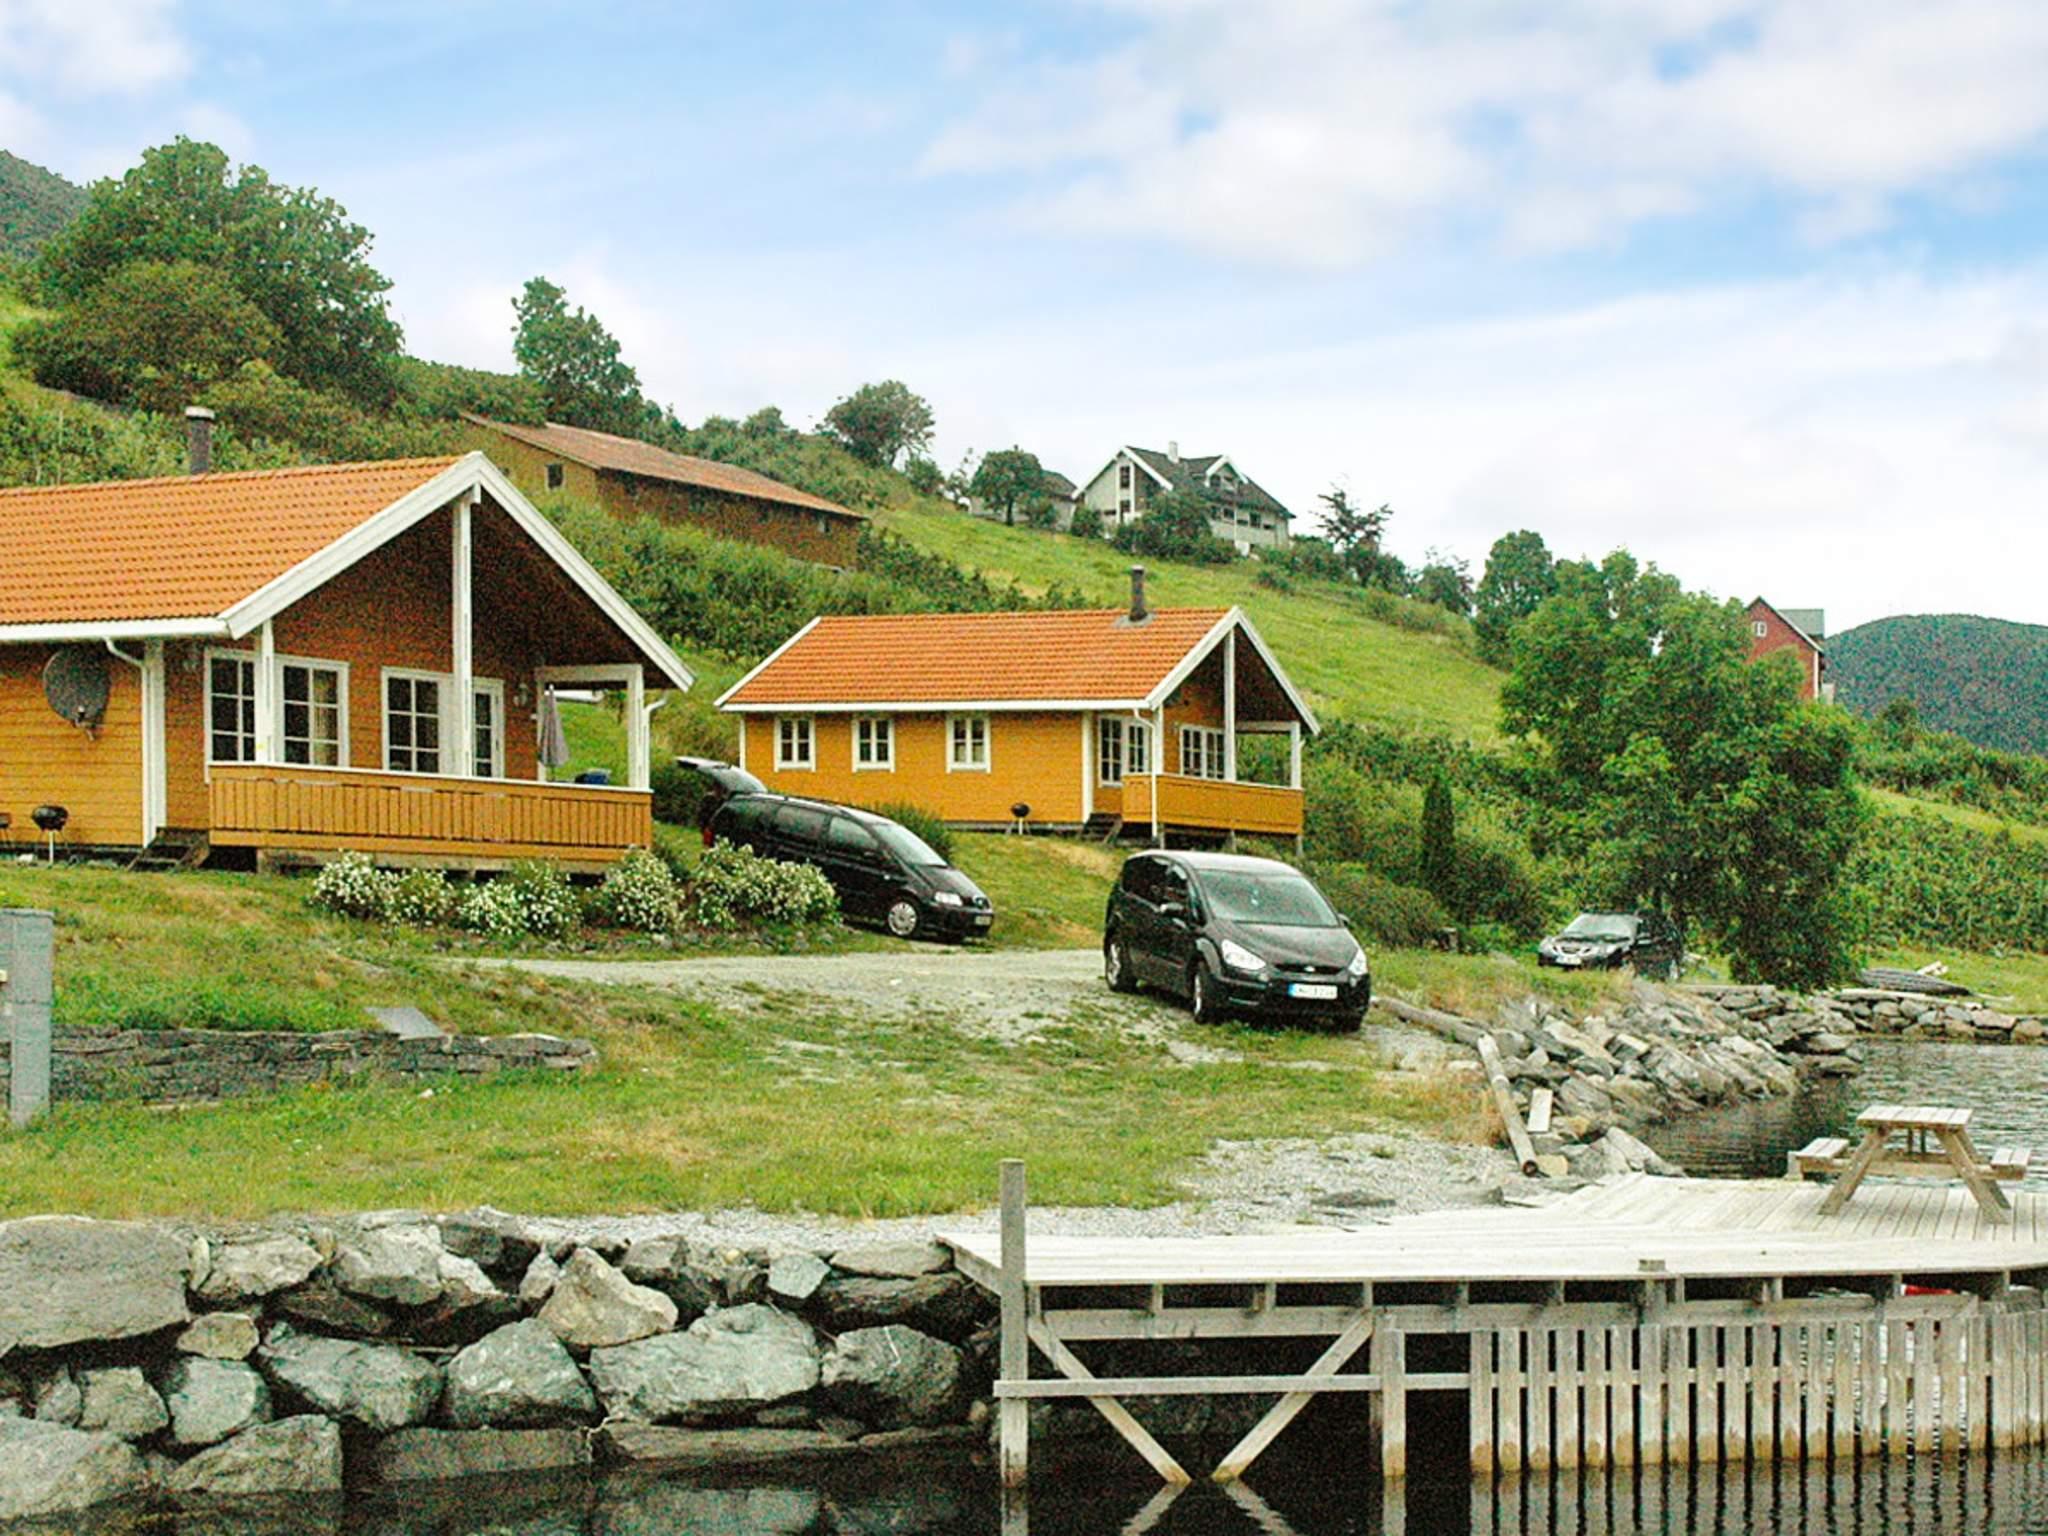 Ferienhaus Slinde (82396), Slinde, Sognefjord - Nordfjord, Westnorwegen, Norwegen, Bild 16